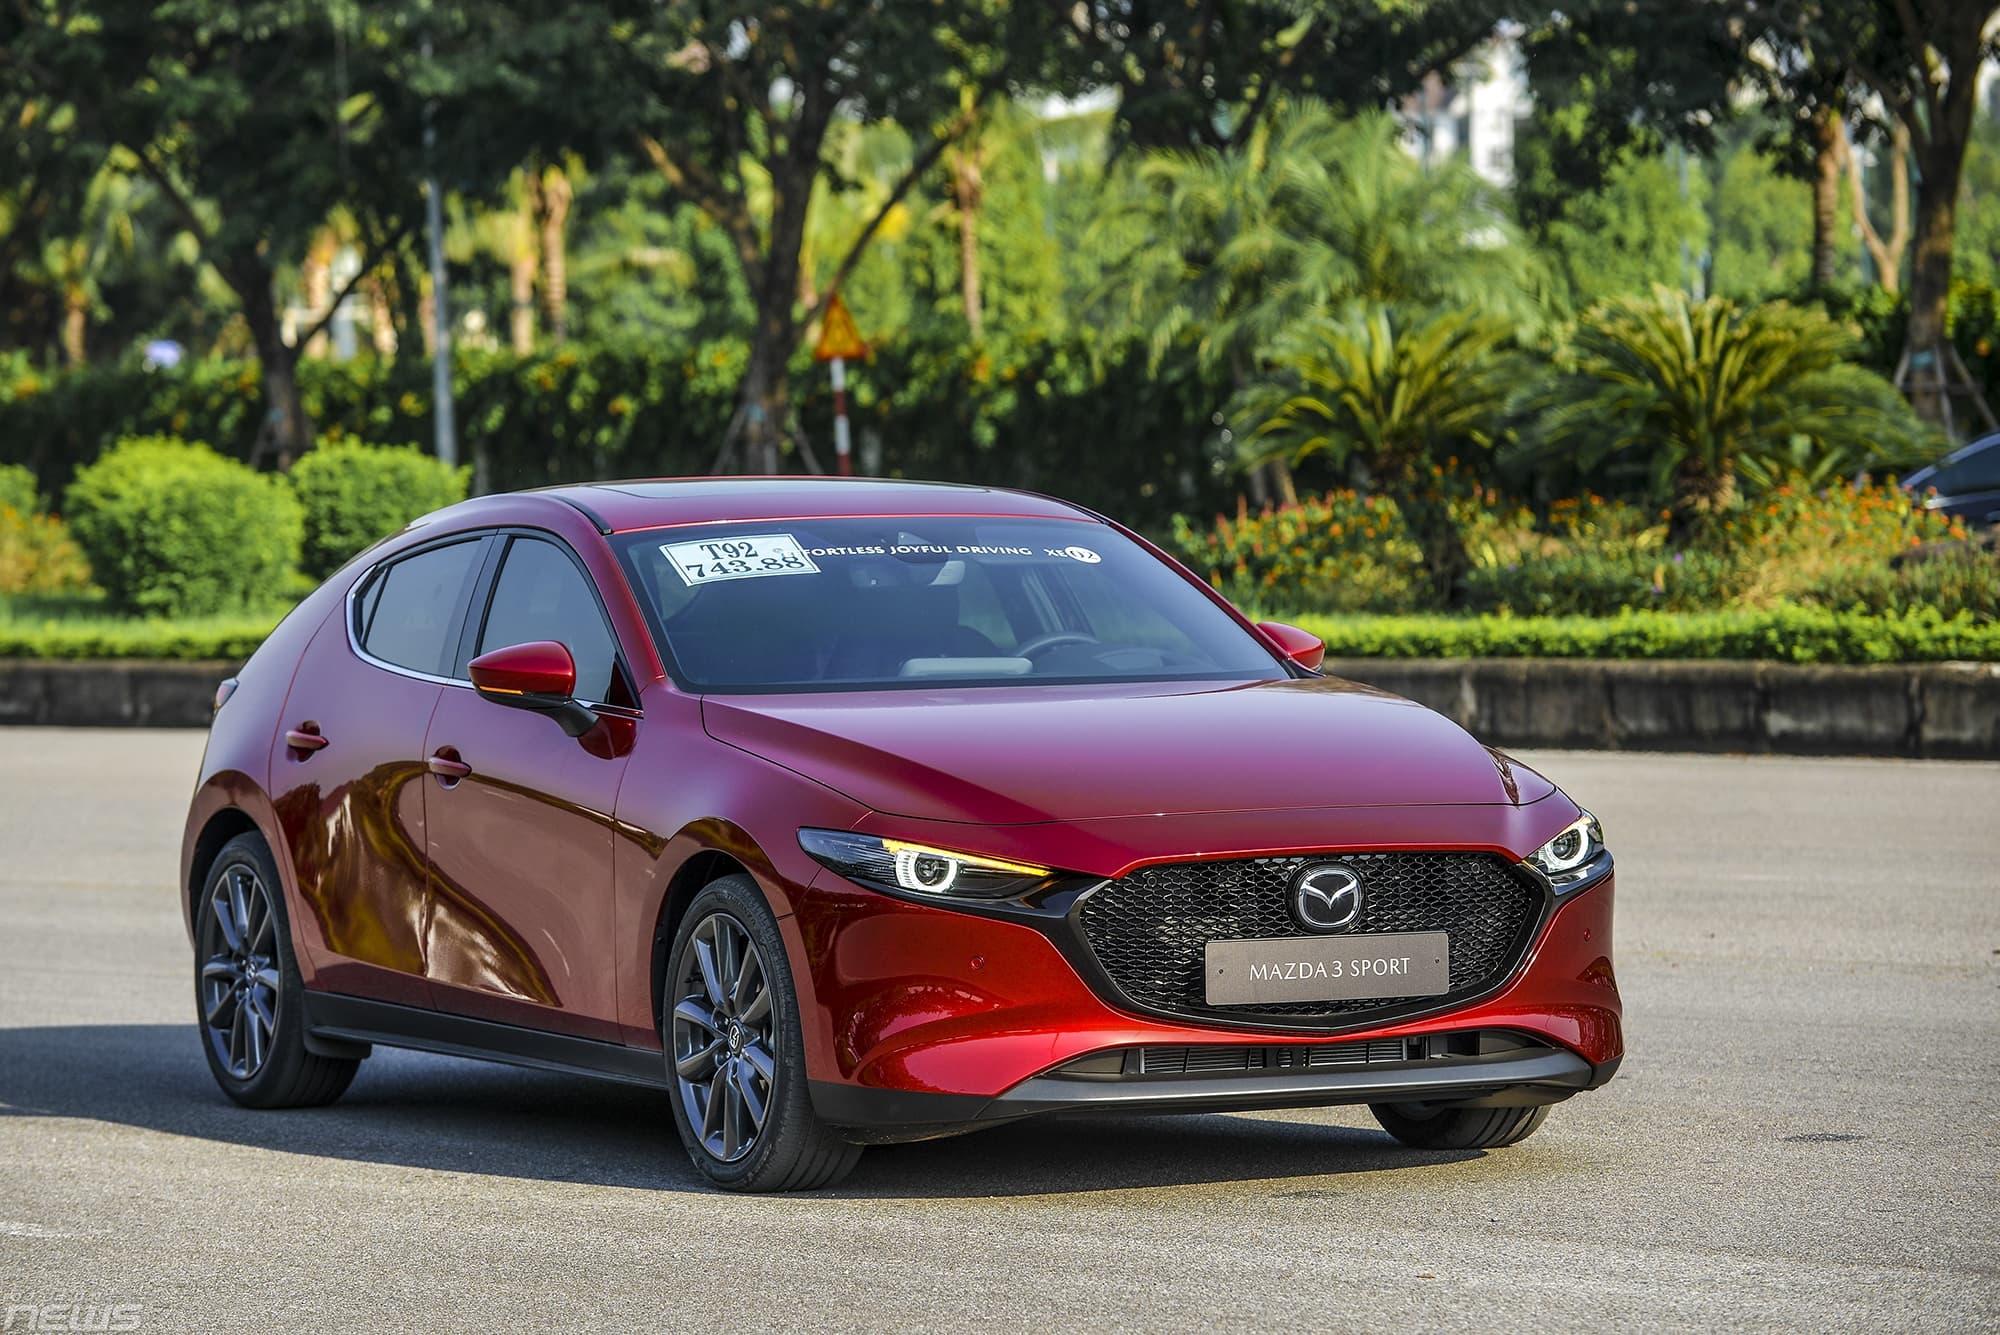 Mazda 3 2020 hoàn toàn mới với nhiều trang bị hiện đại